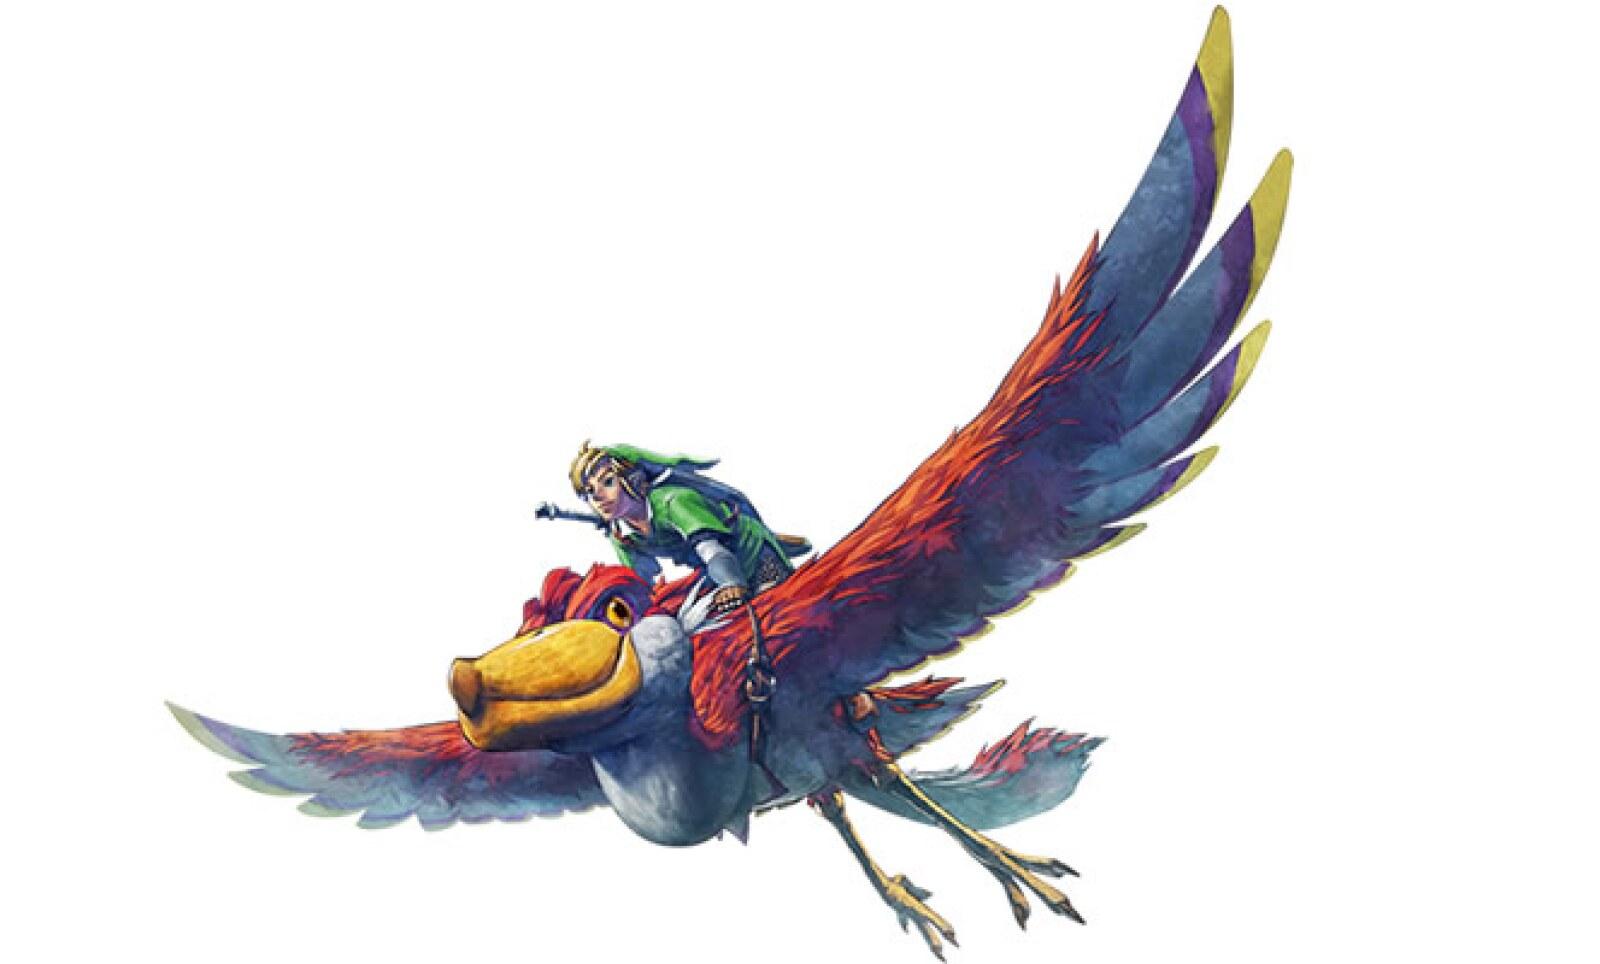 La nueva aventura de Nintendo, de la mano de uno de sus personajes más queridos, que este año cumple su 25 aniversario de haber sido creado.